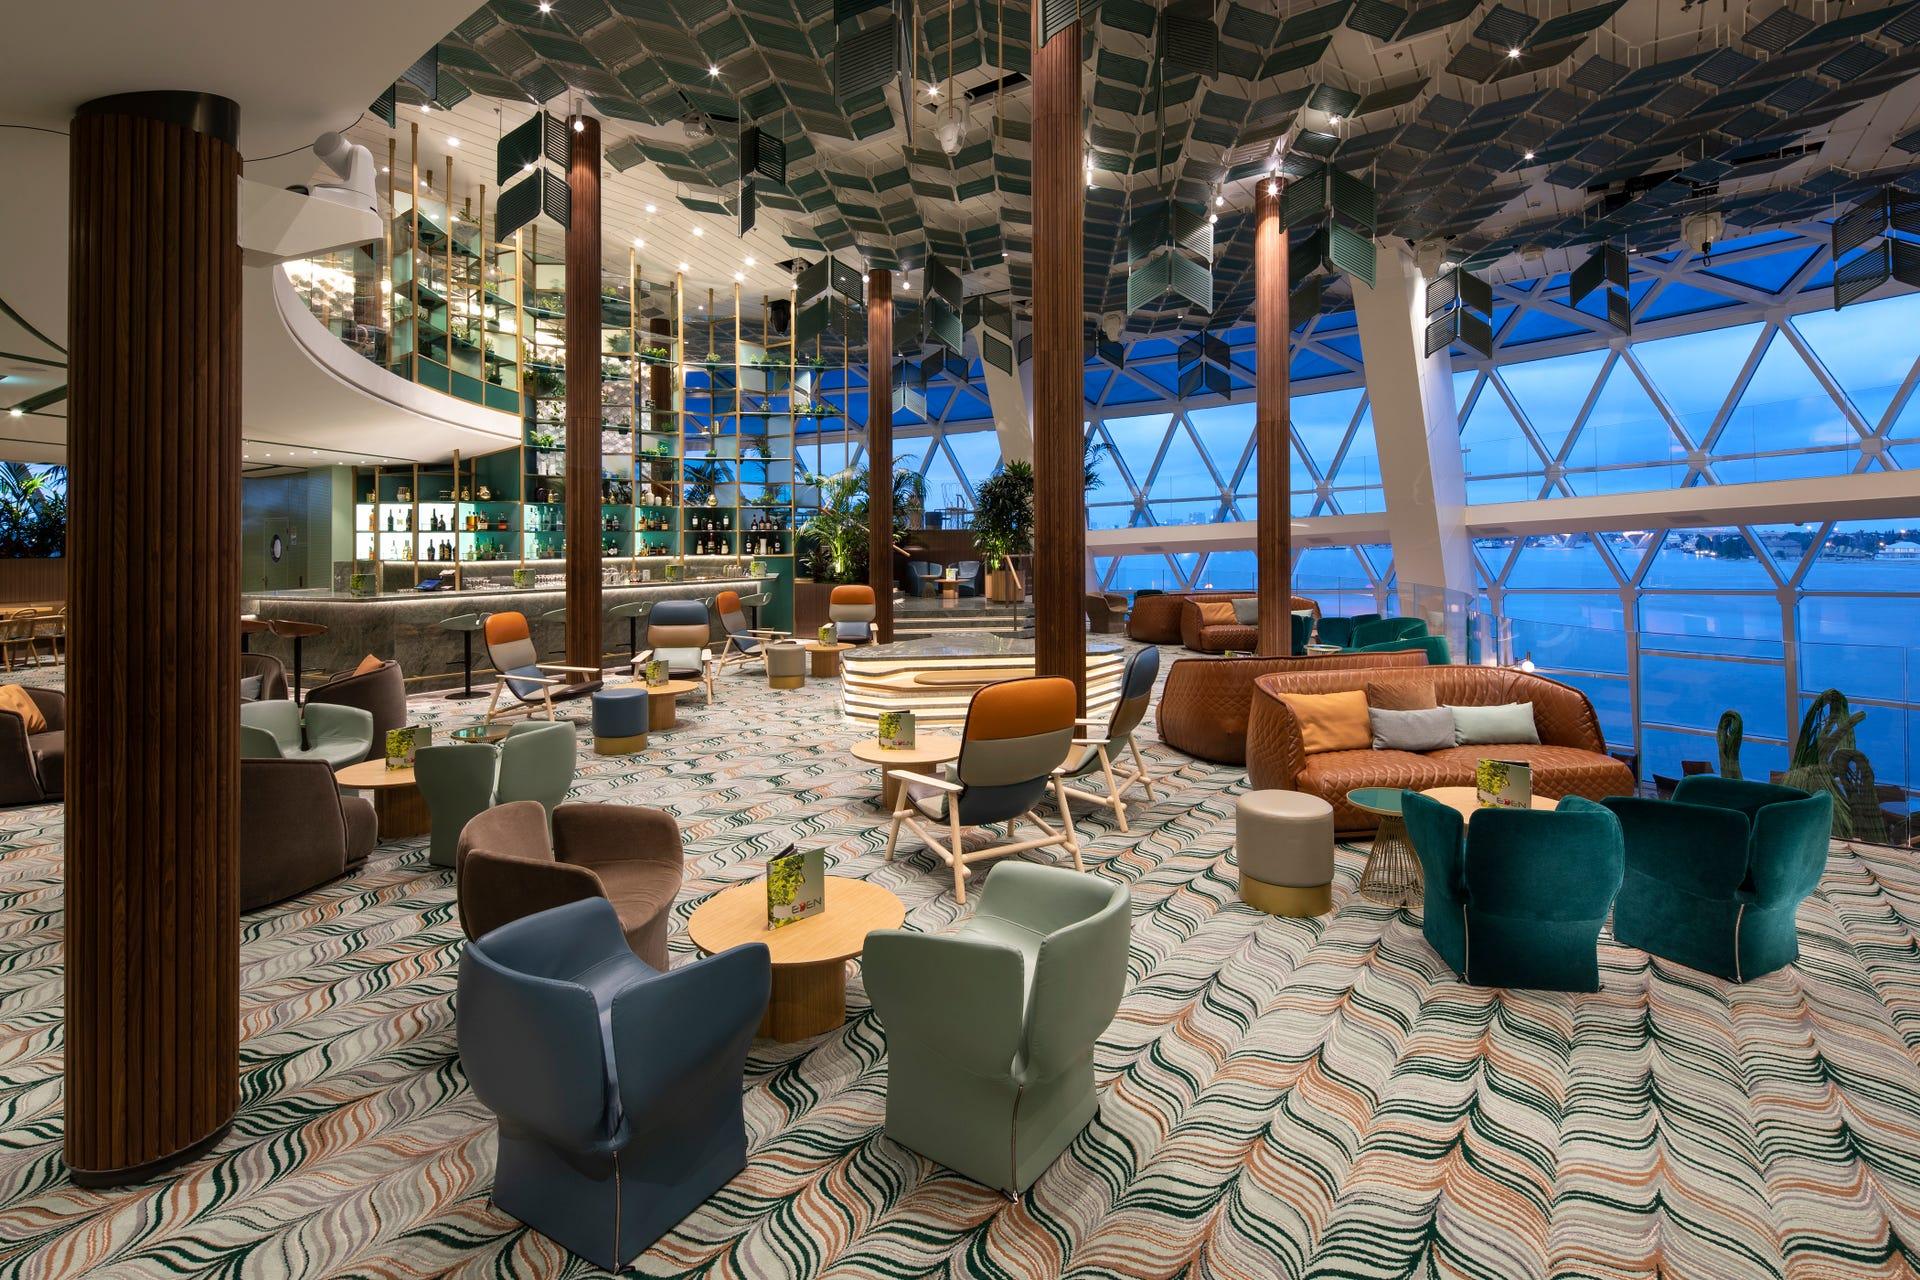 Eden on Celebrity Edge: Innovative new cruise ship venue in photos